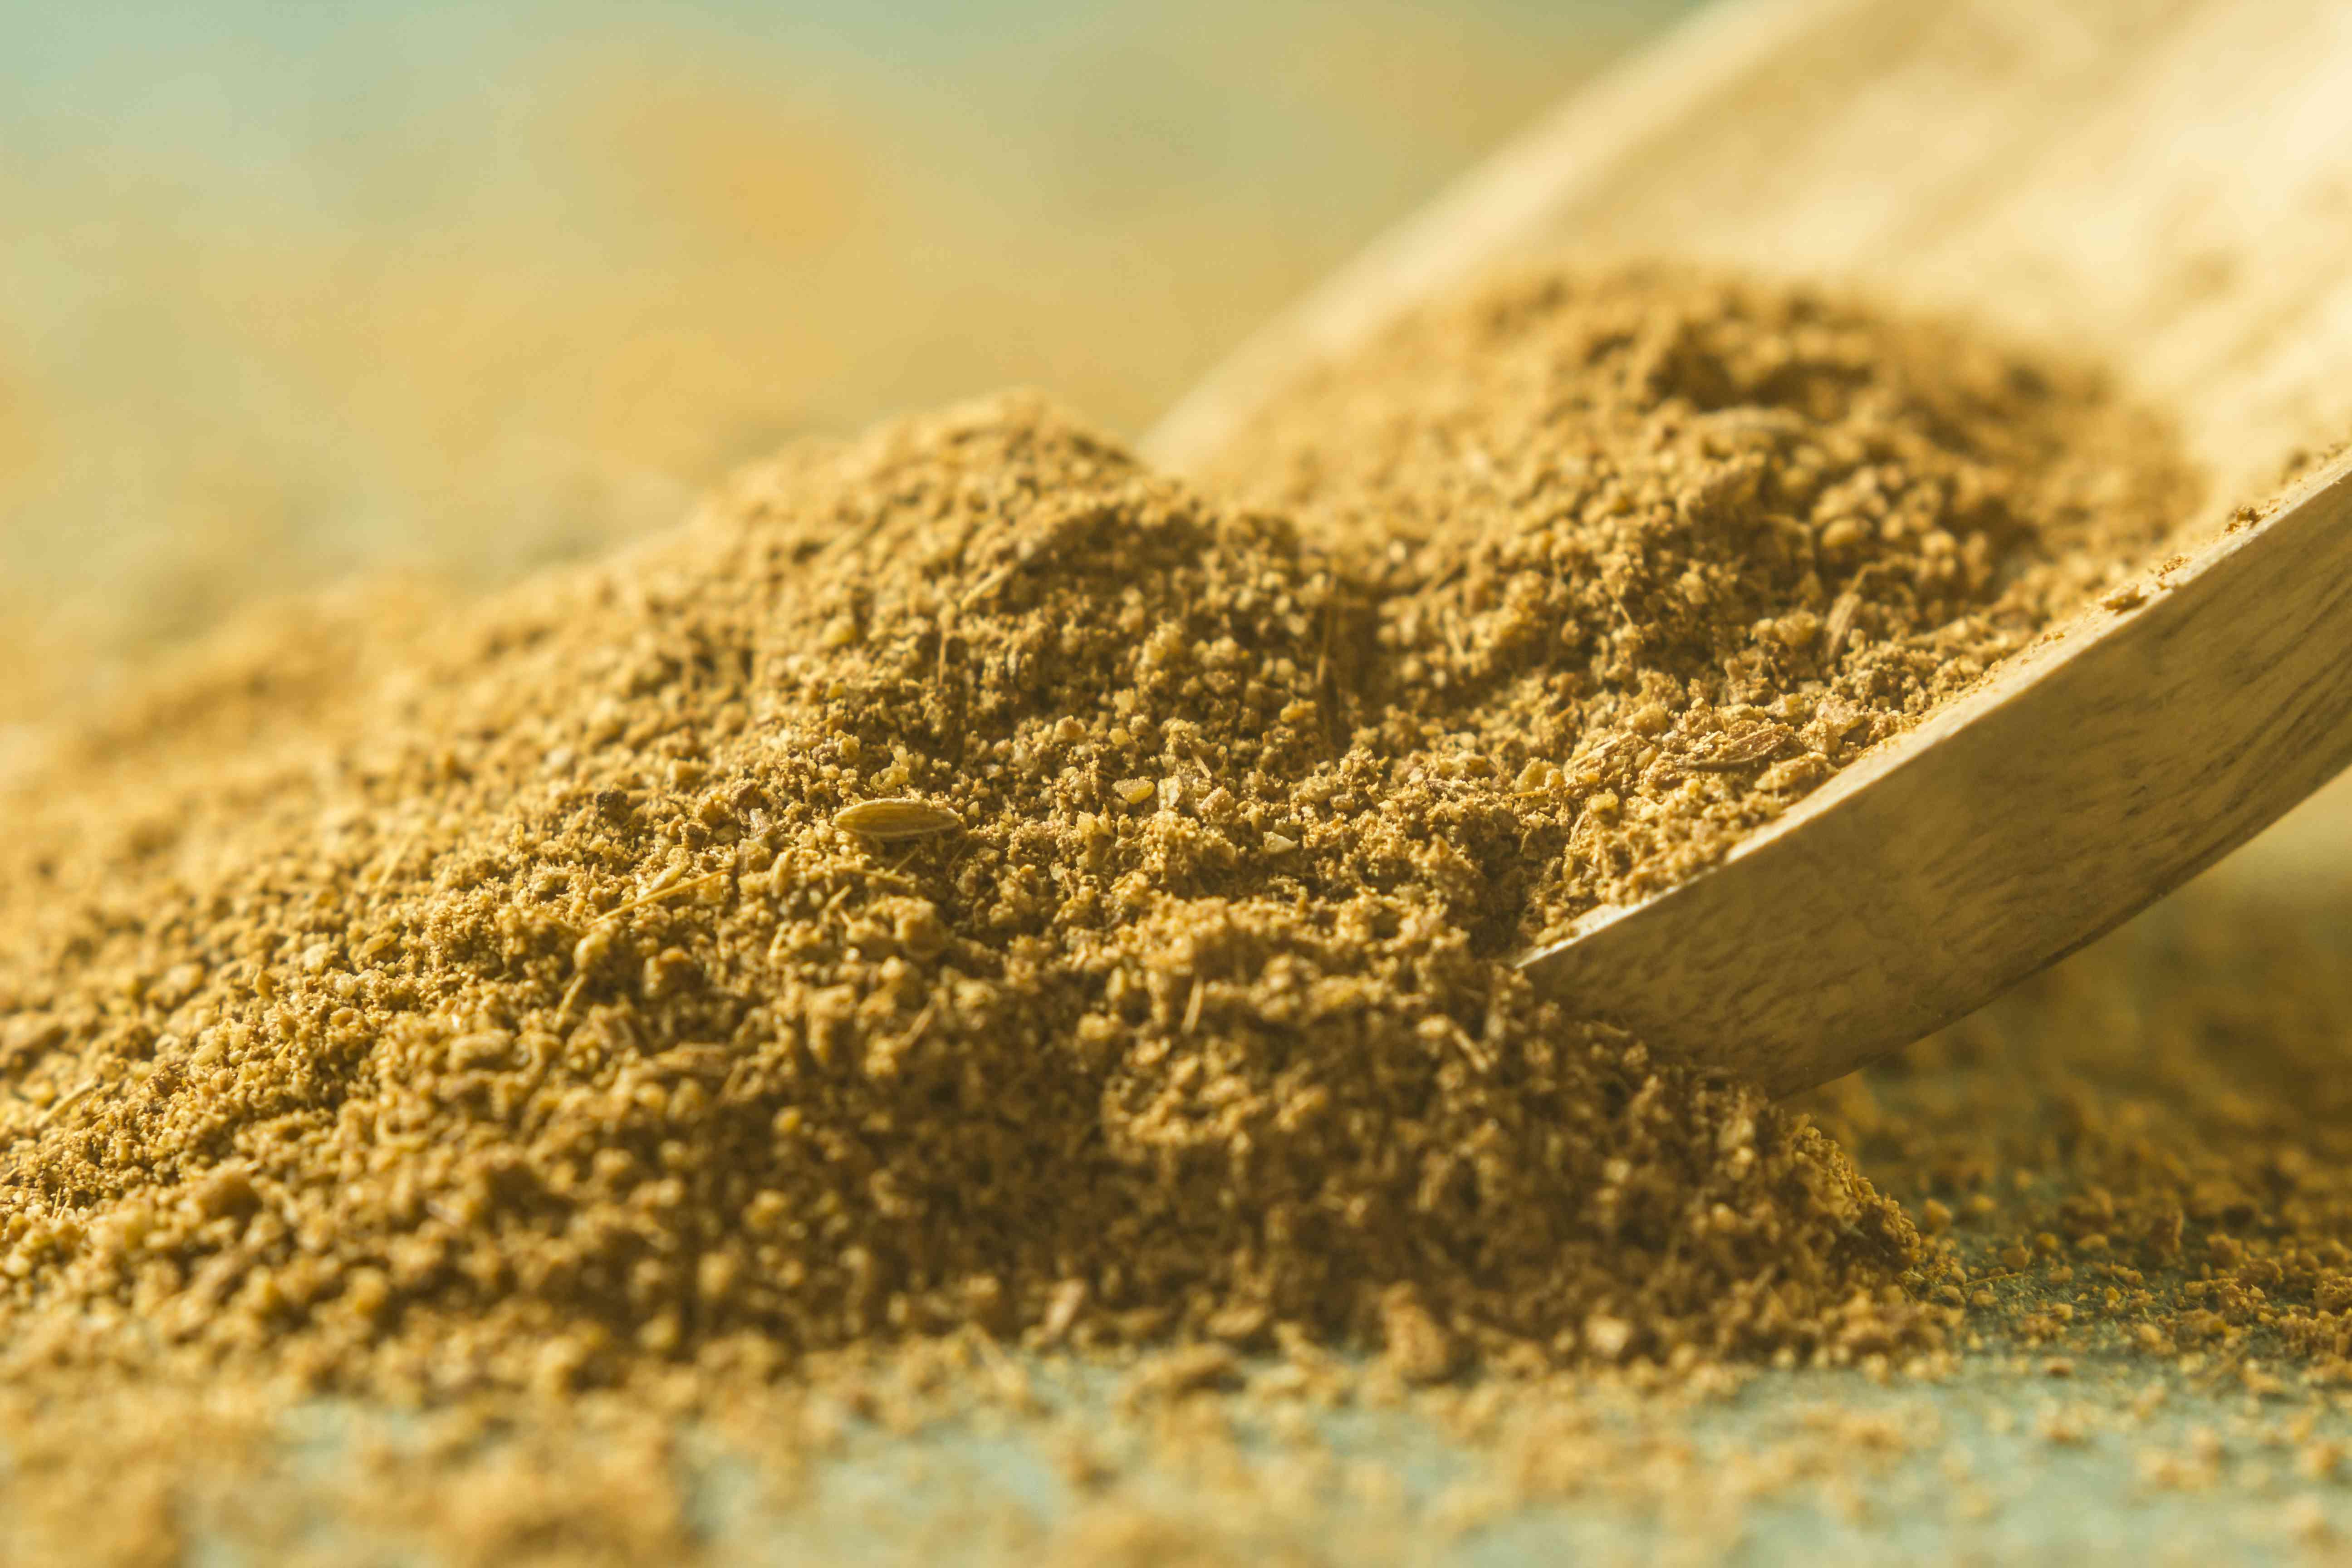 Ground cumin powder in wooden spoon.